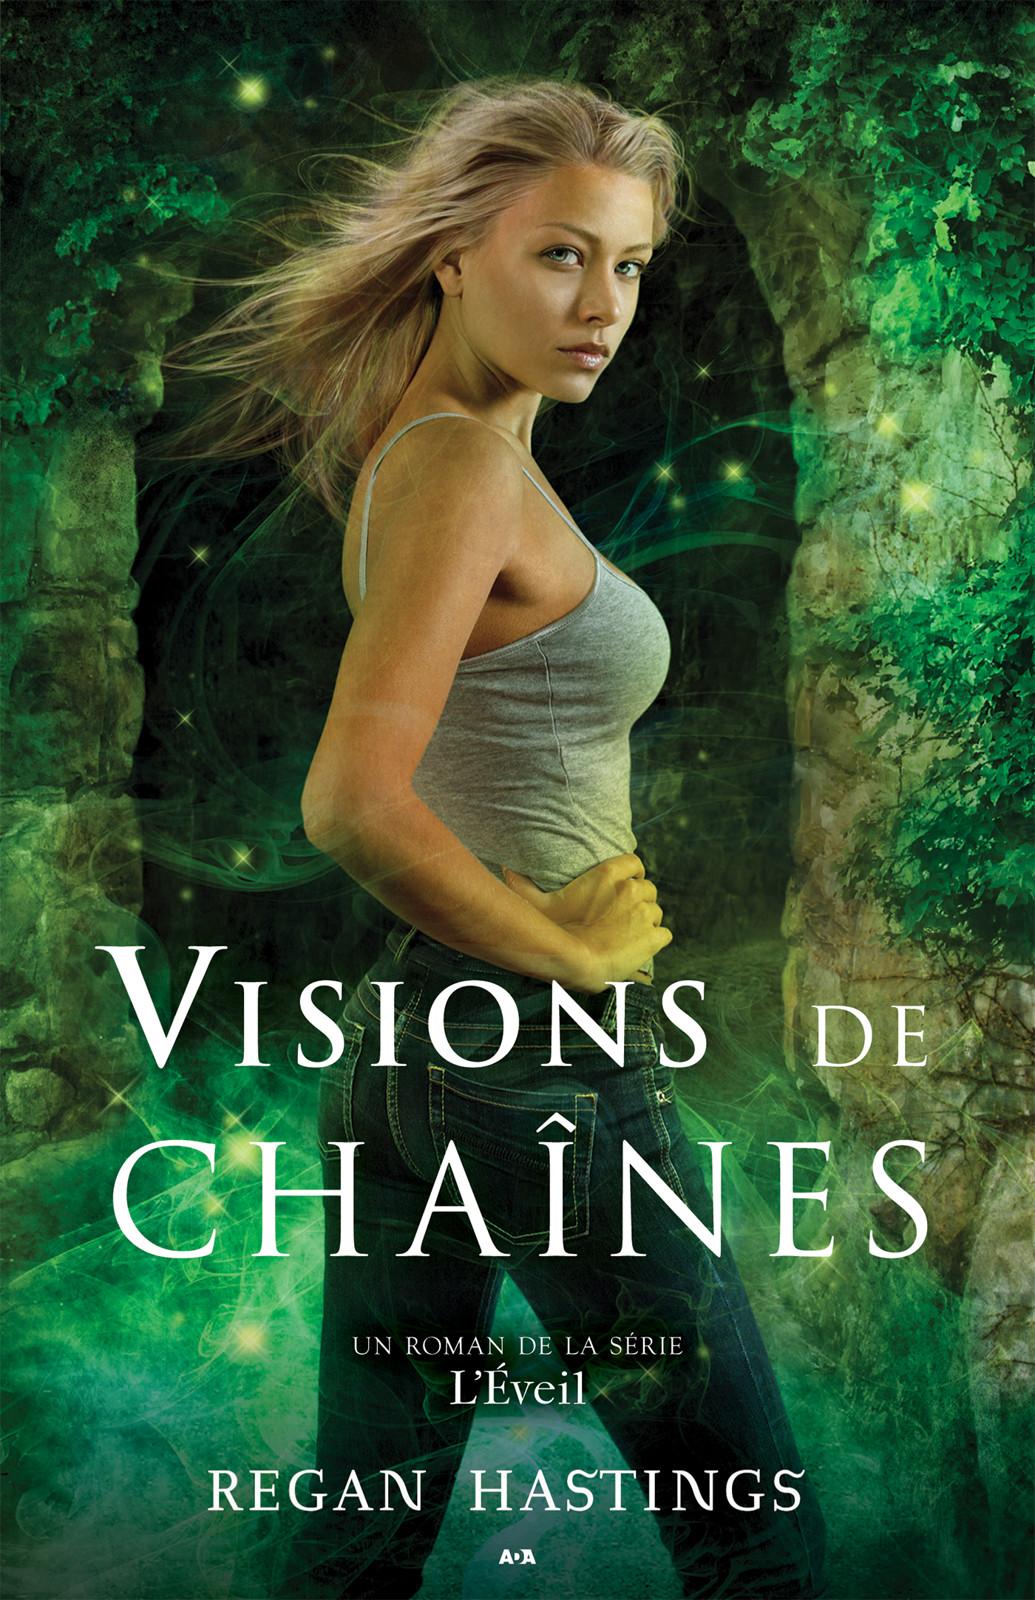 Visions de chaînes